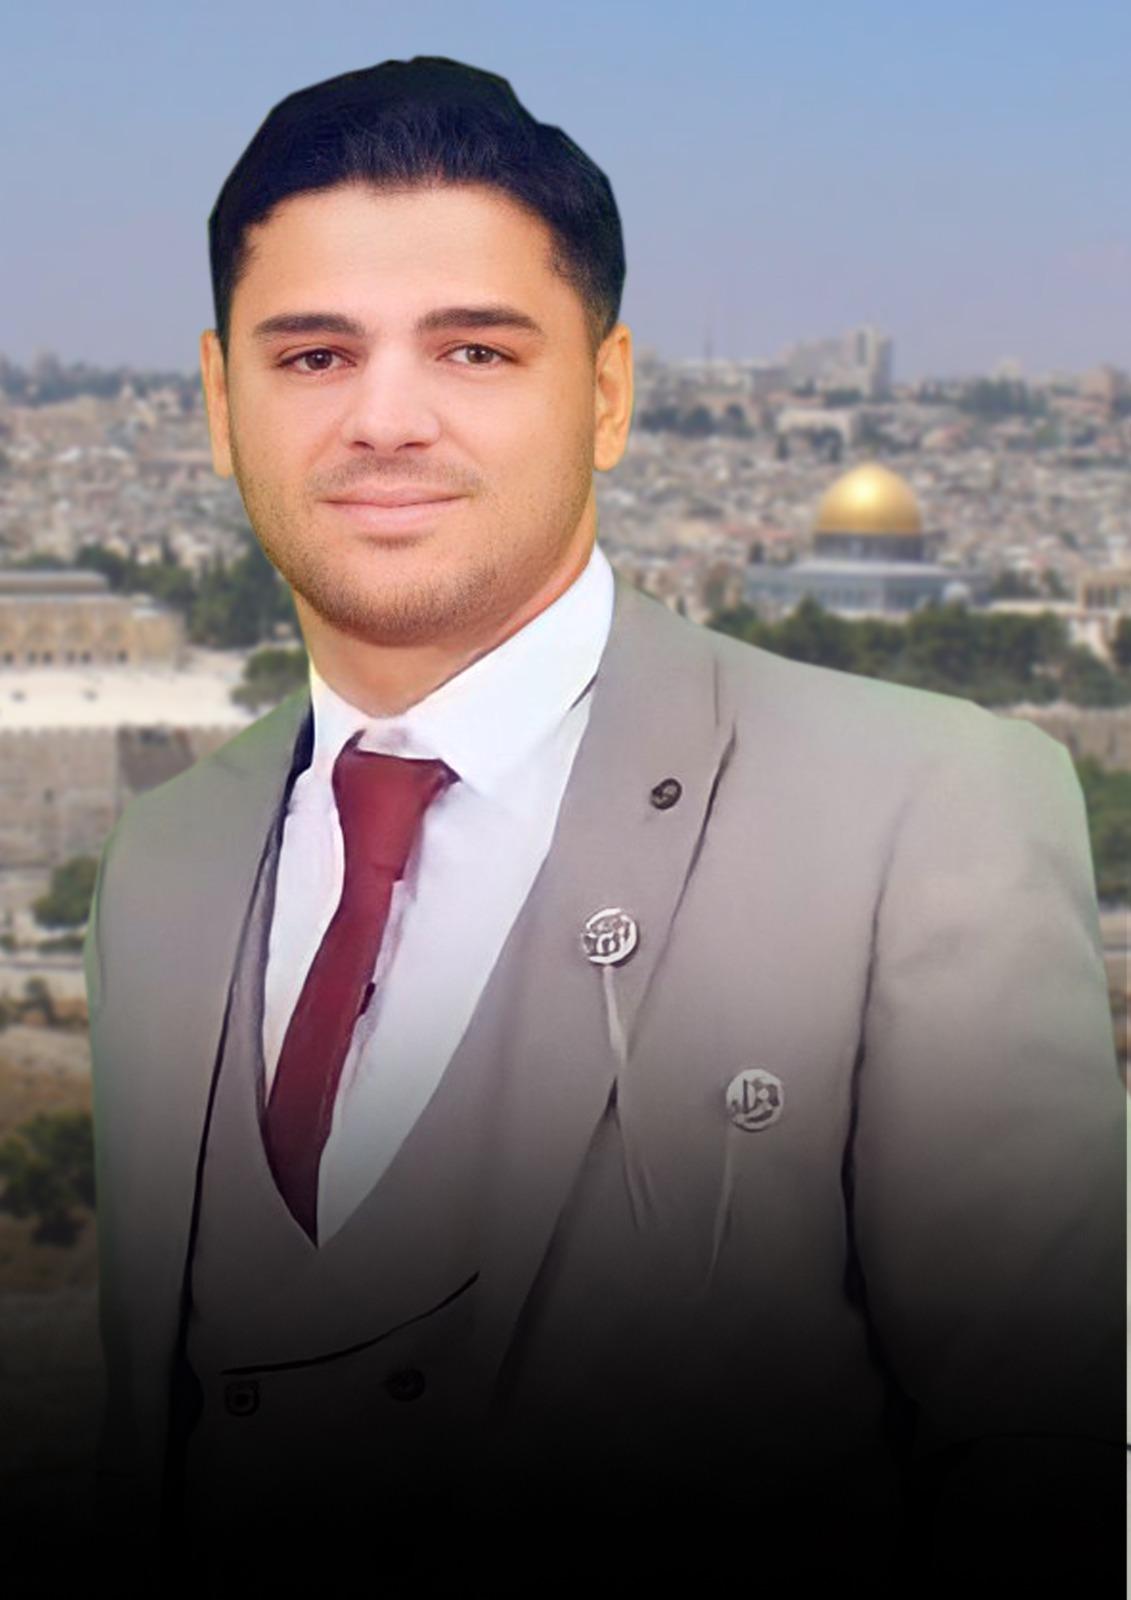 فهد جمال حسين الفرا